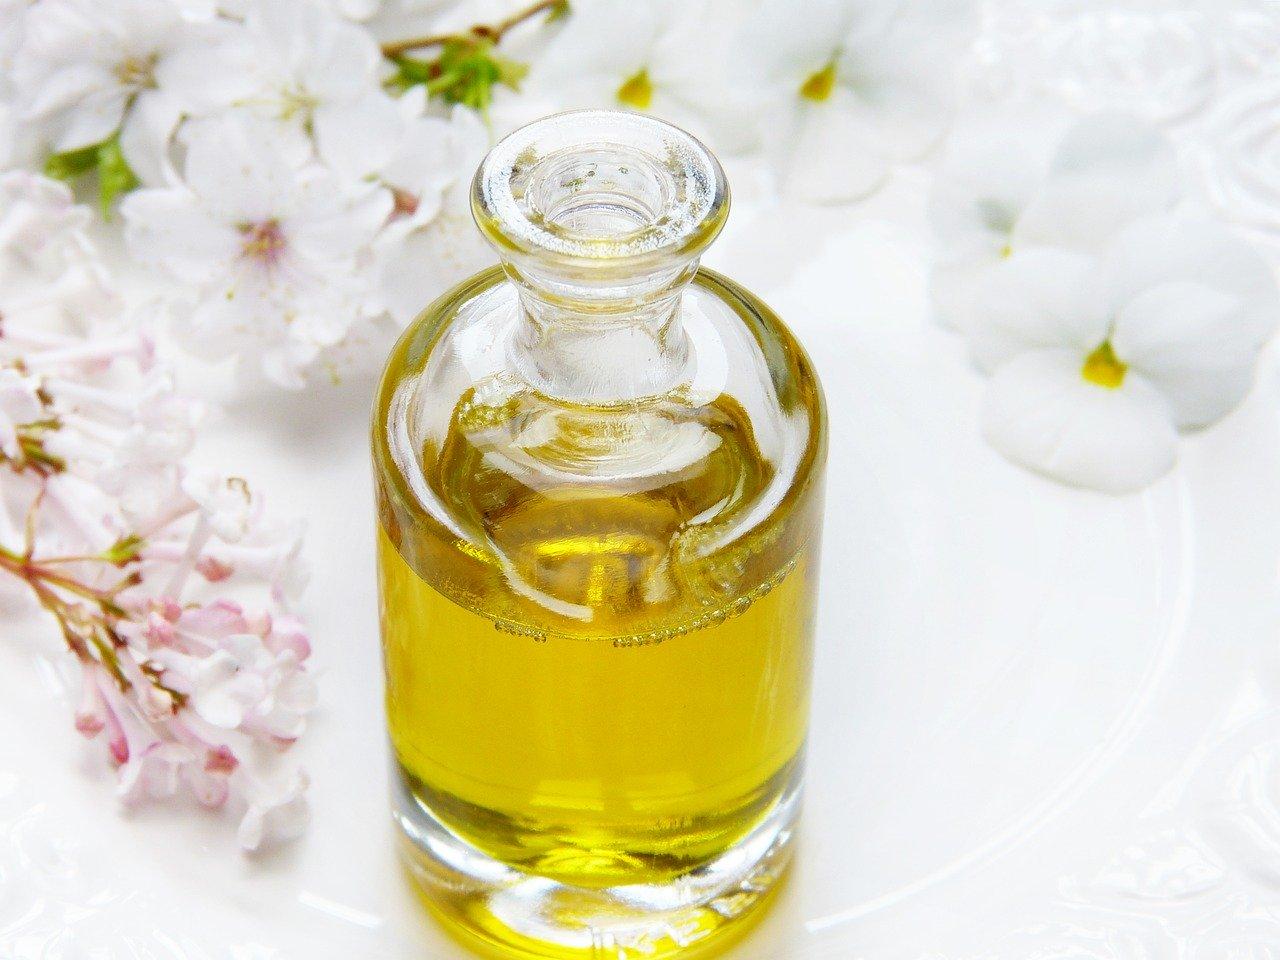 ateliers de cosmétiques au naturel et bio